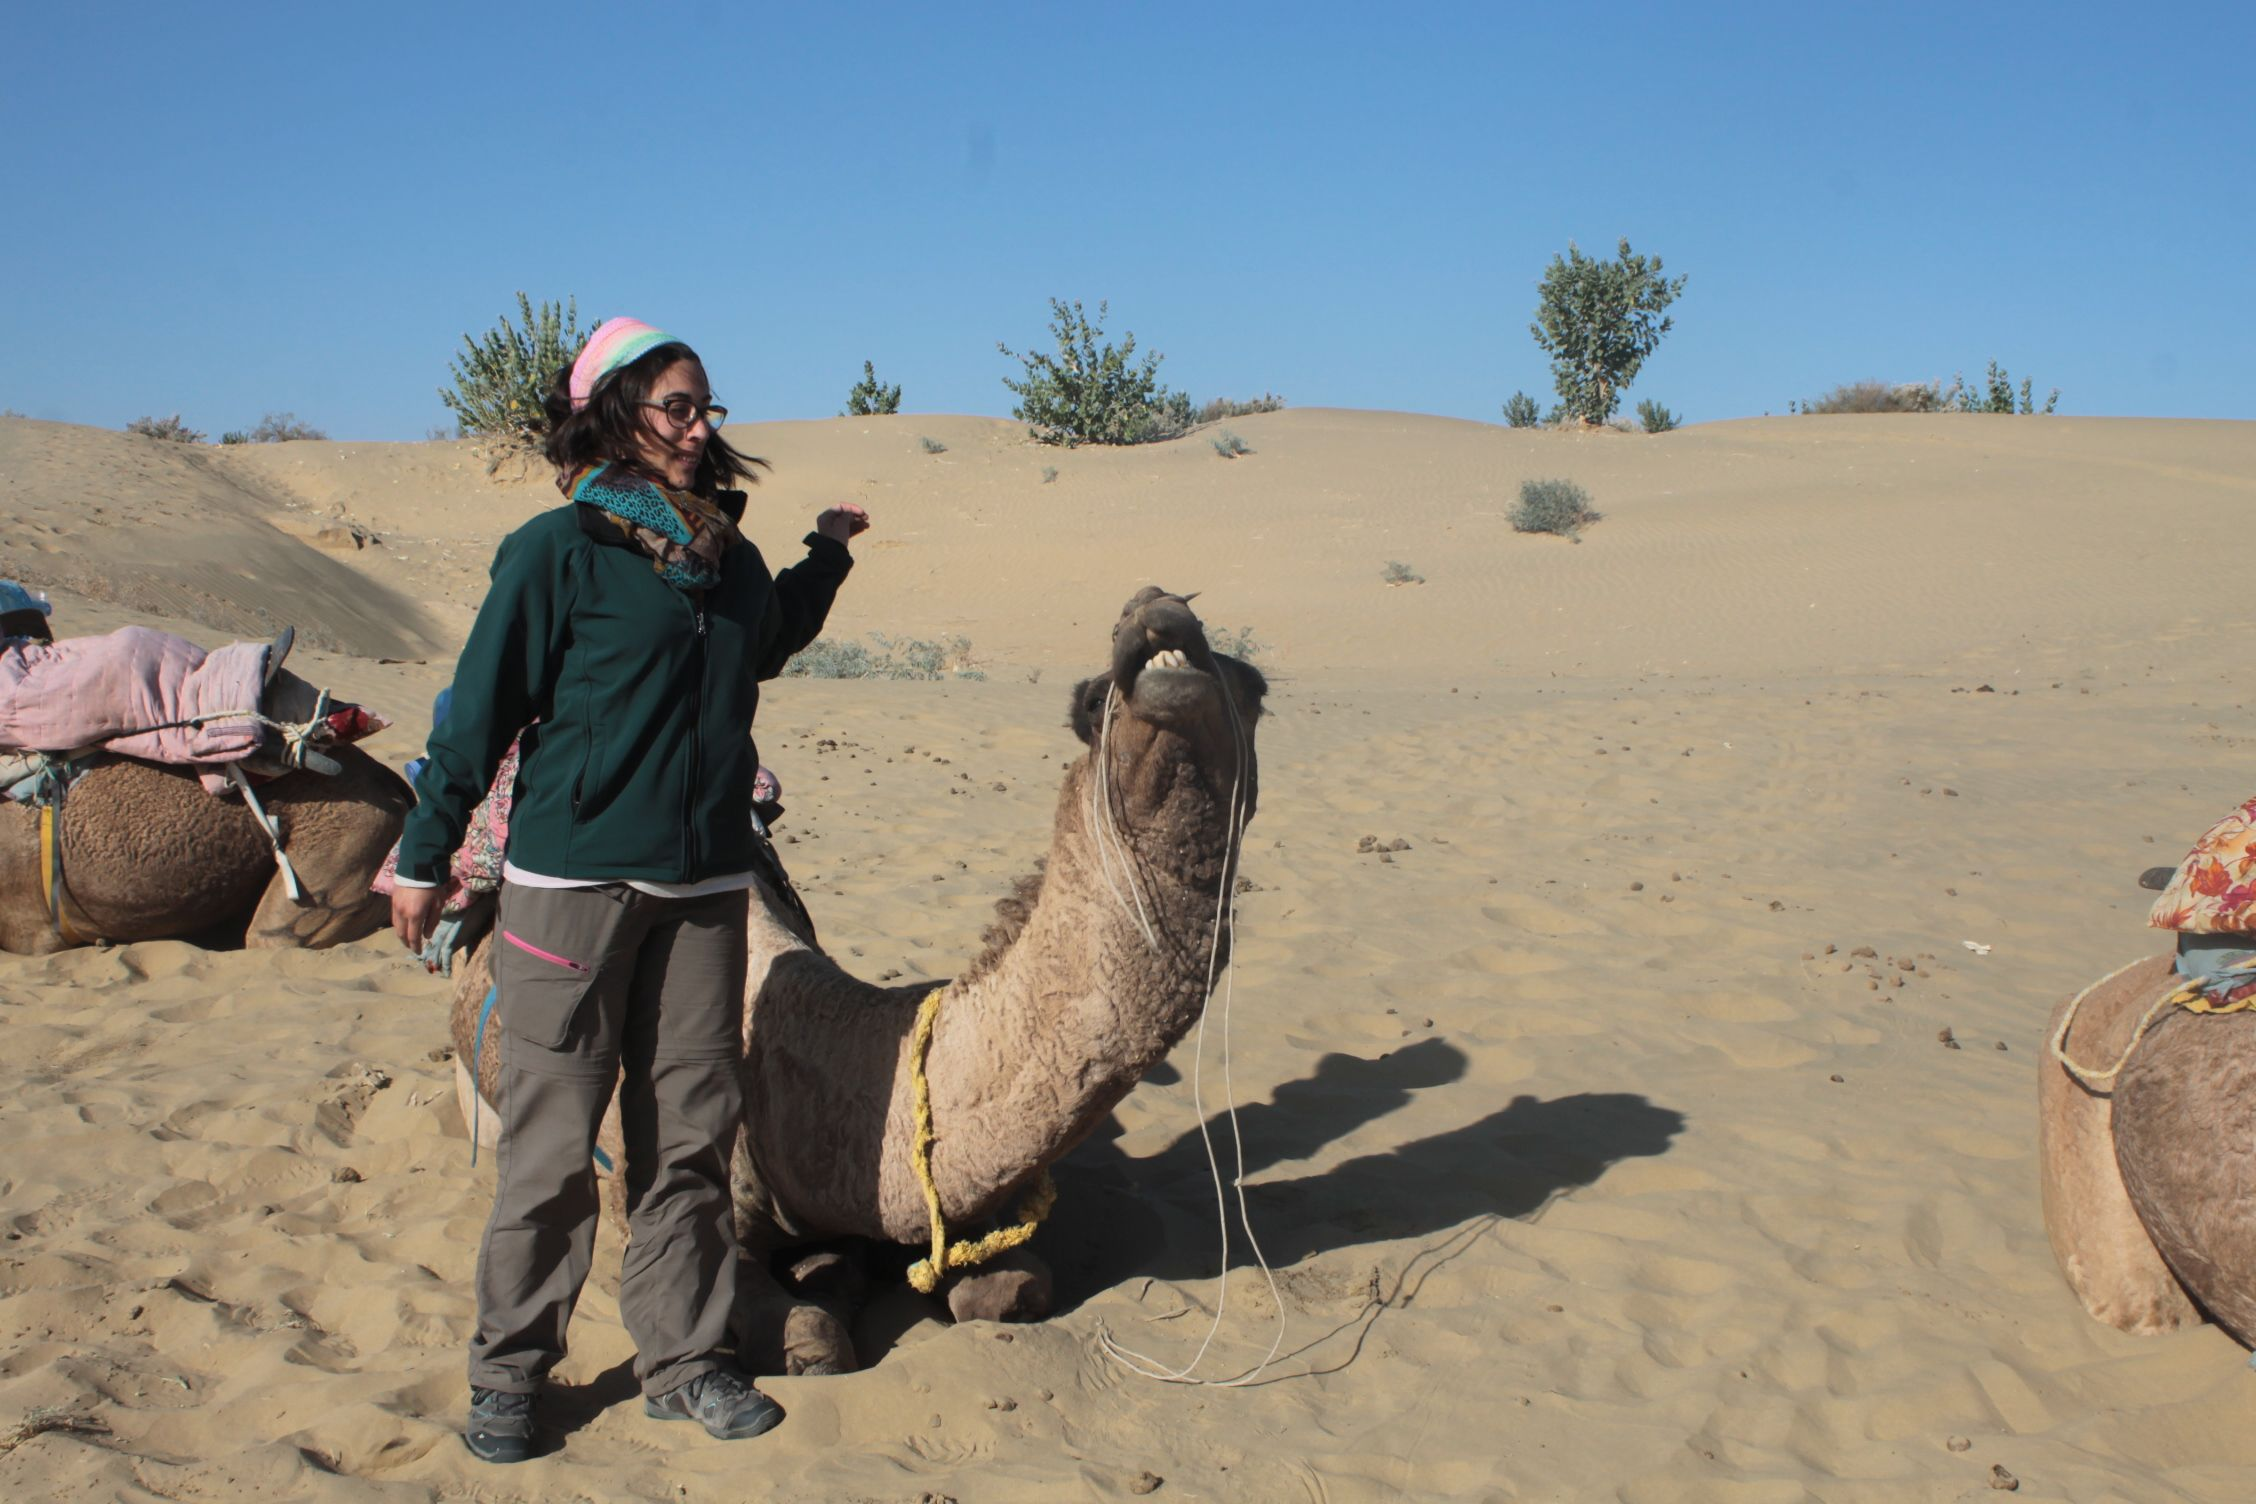 Roser peleando con su camello